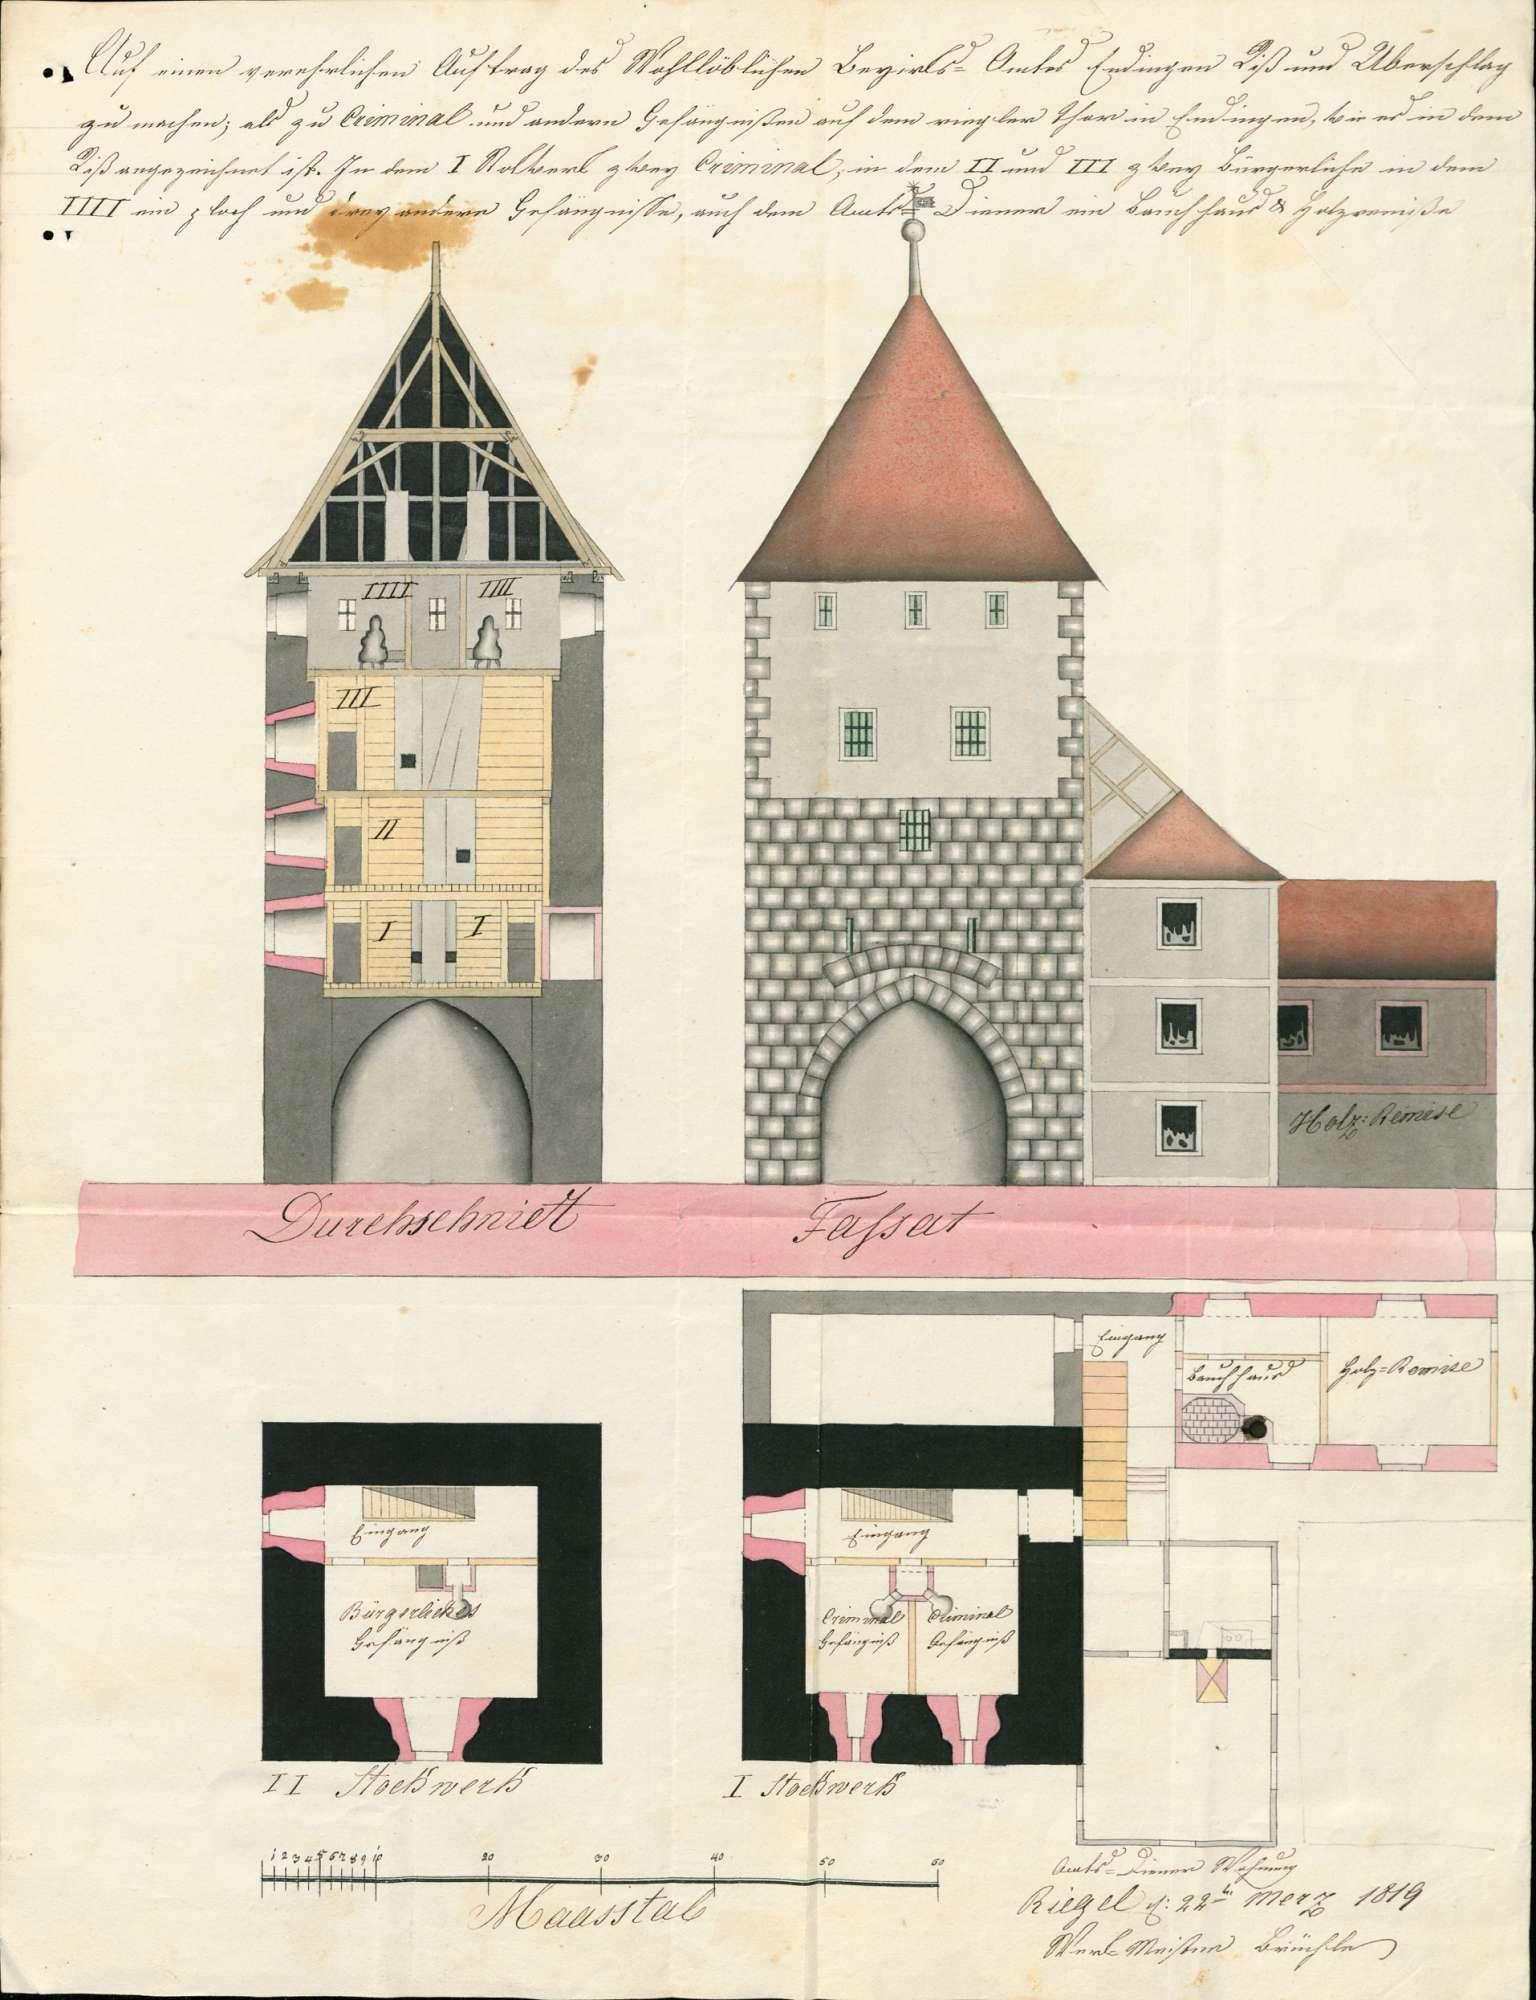 Bau eines Gefängnisses in Endingen, Bild 1